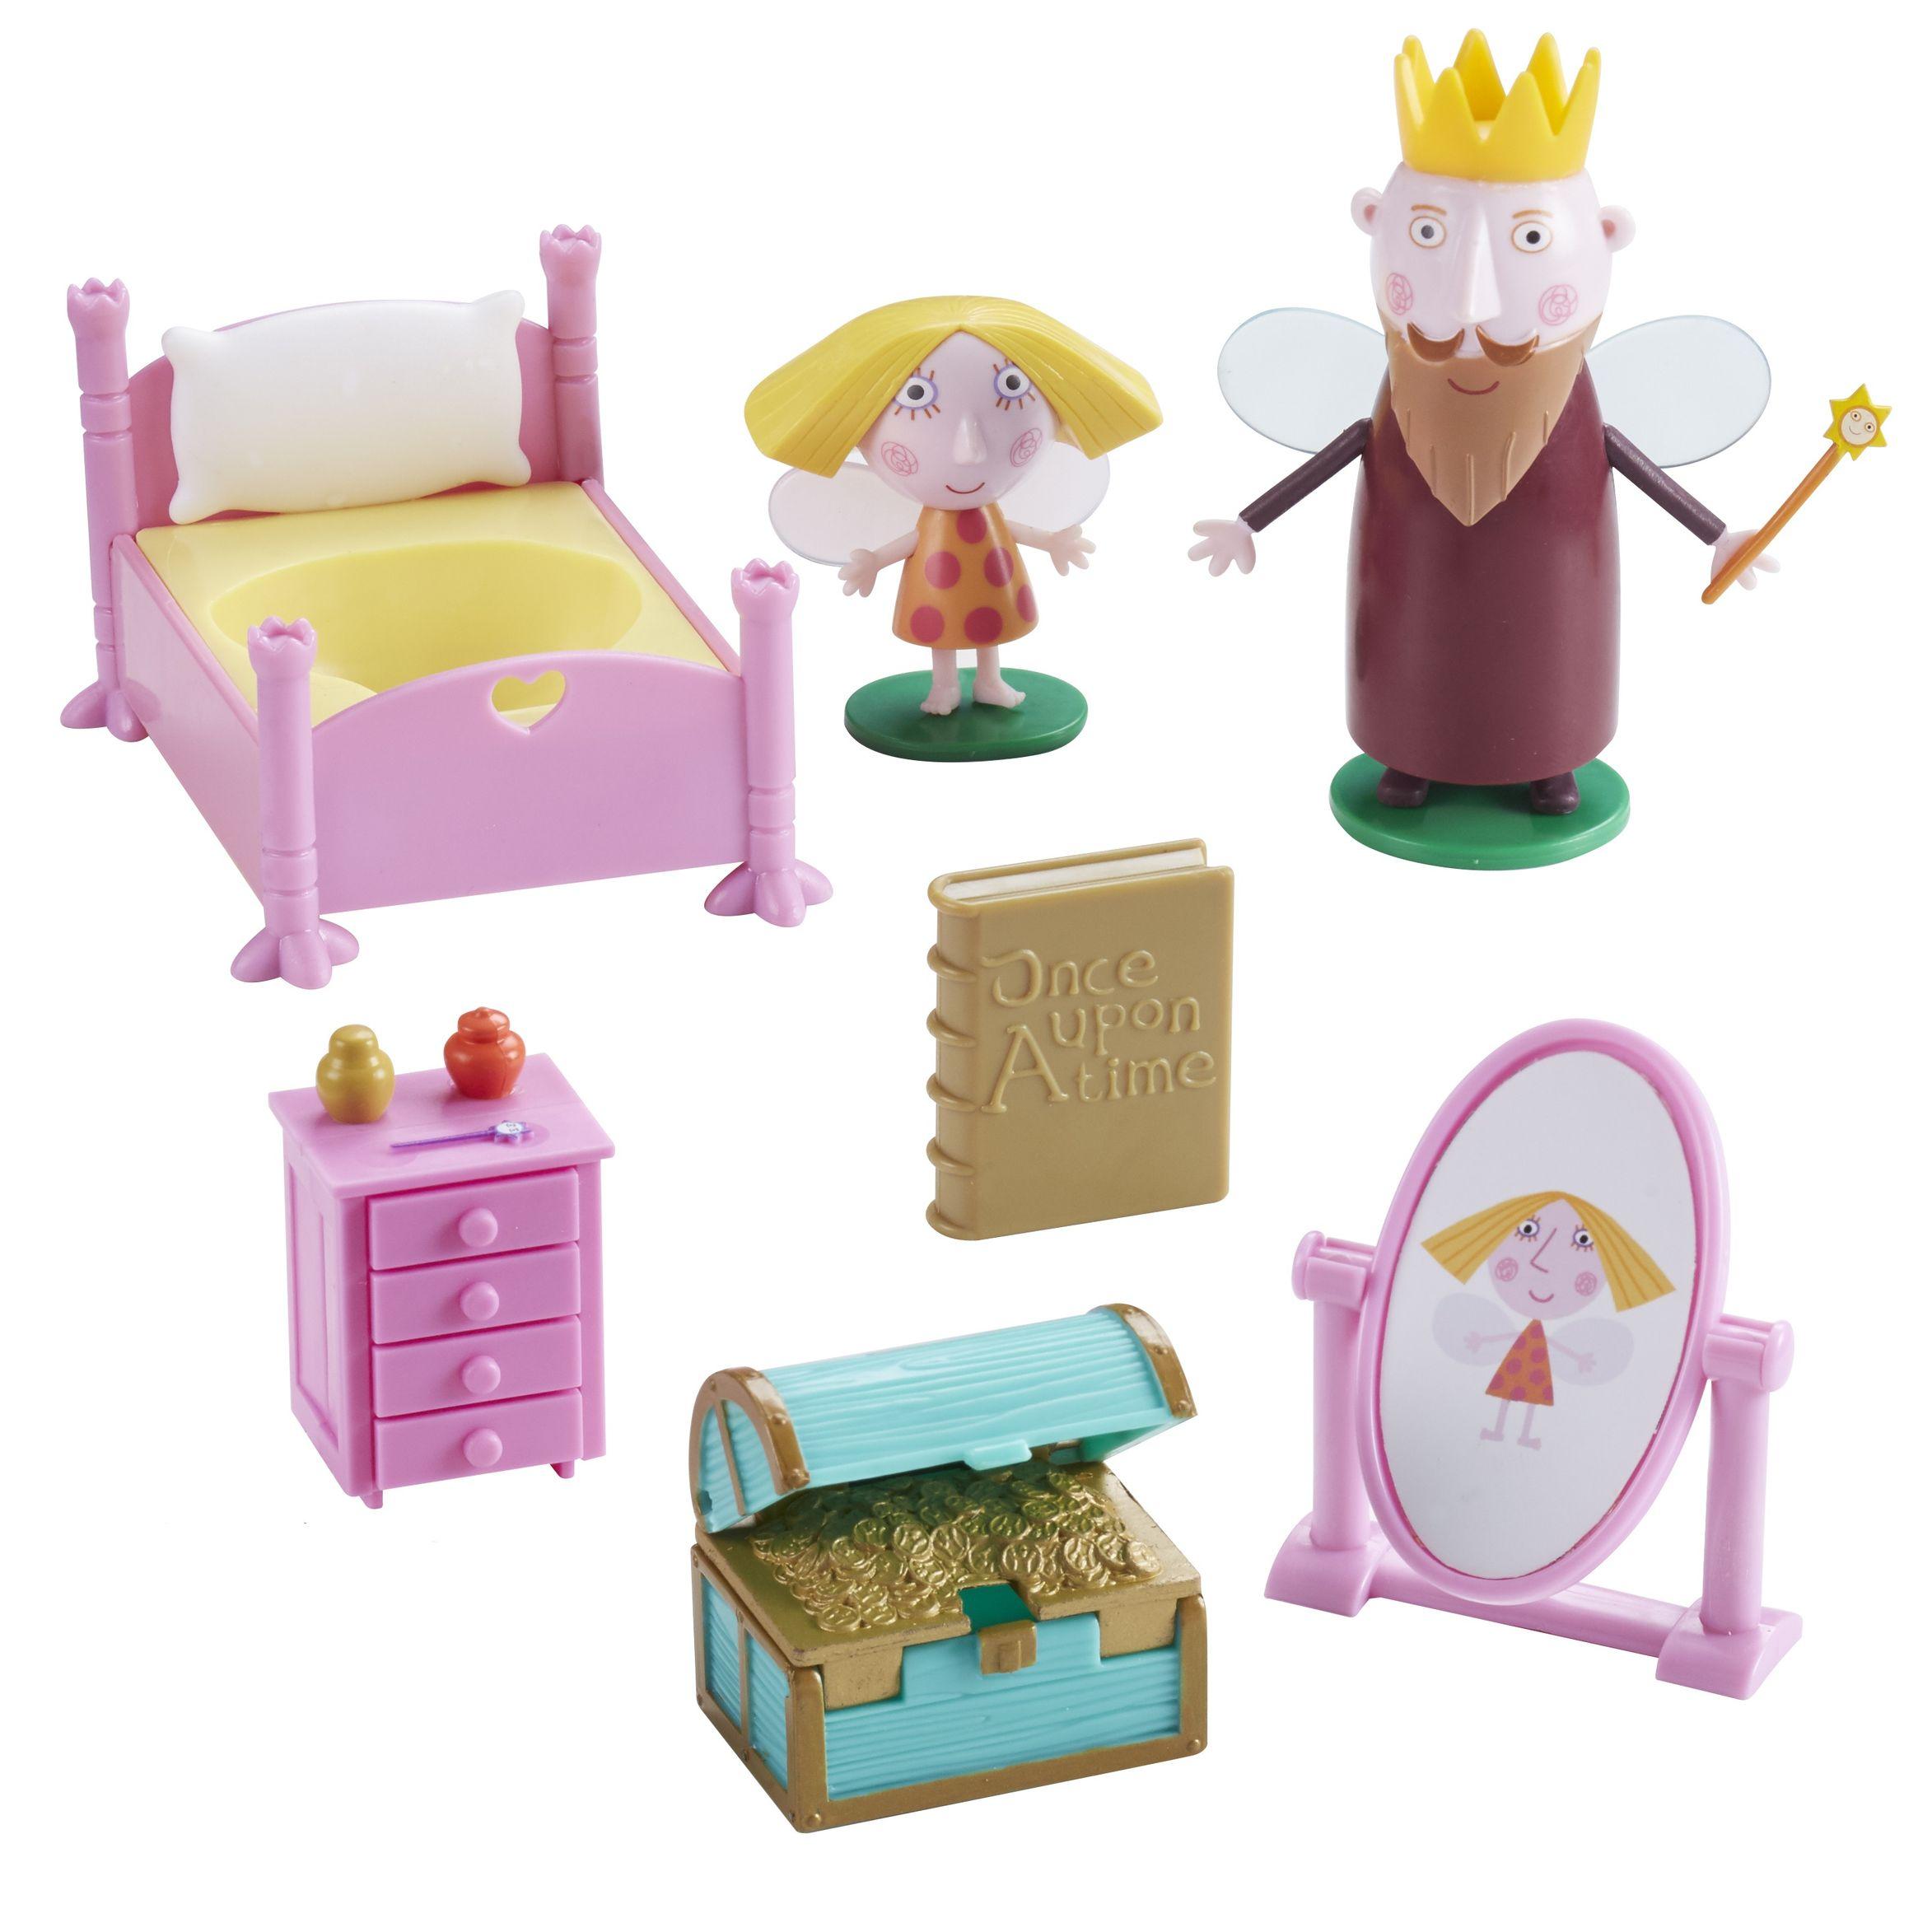 Игровой набор – Сказка на ночь с 2 фигурками Холли и короля из серии Маленькое королевство Бена и Холли - Маленькое королевство Бена и Холли, артикул: 142839